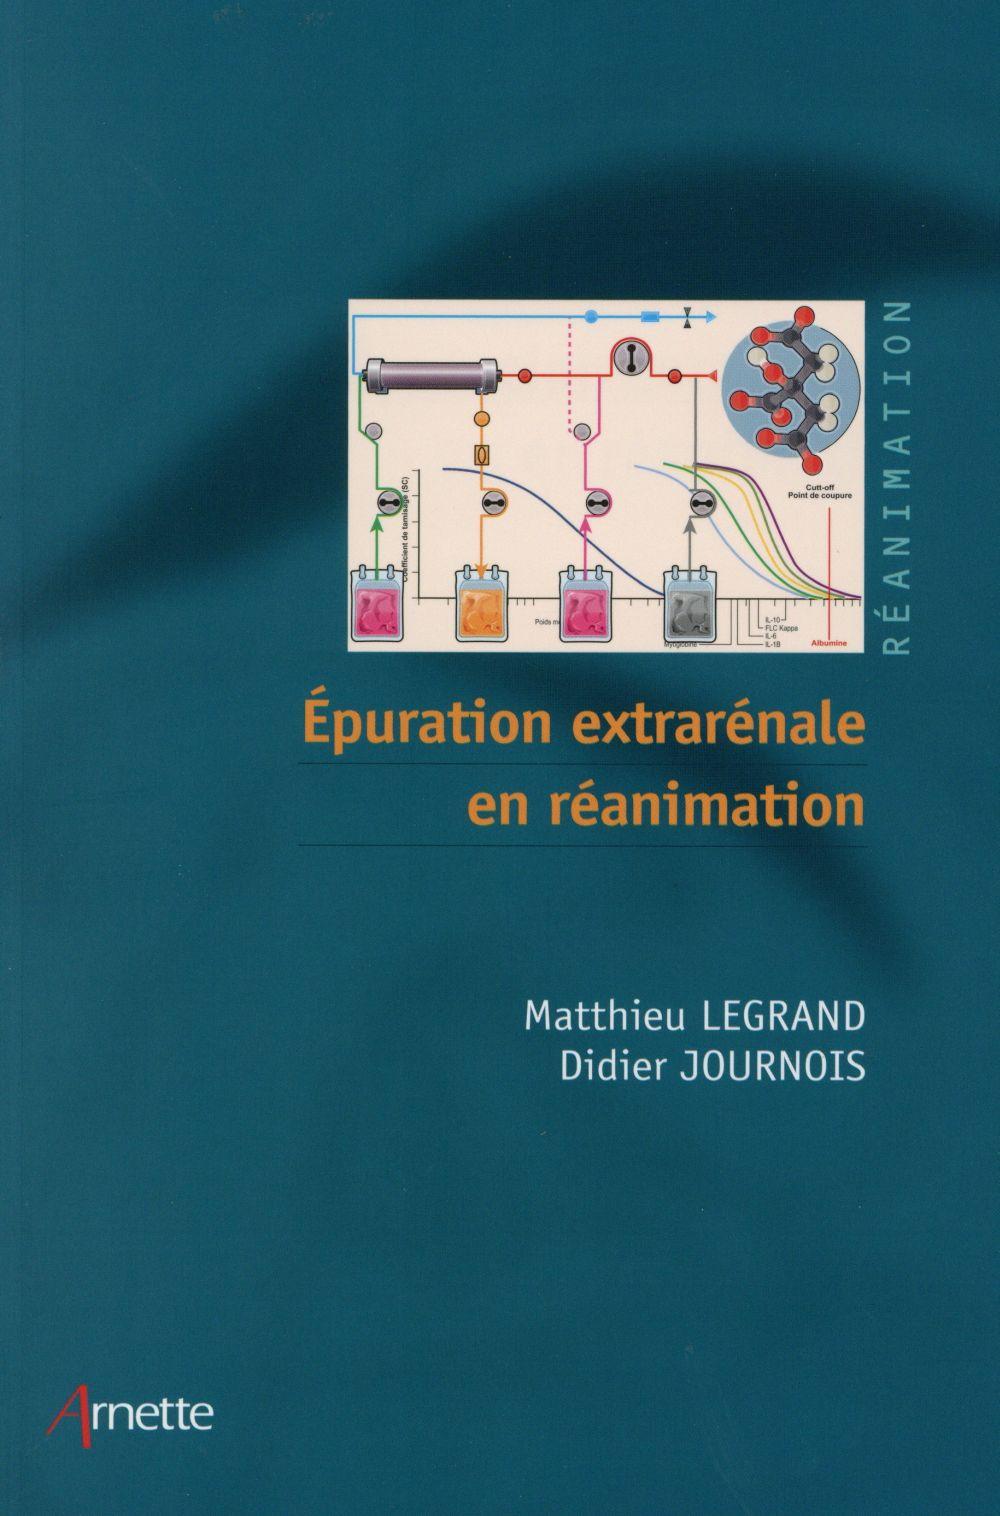 épuration extrarénale en réanimation